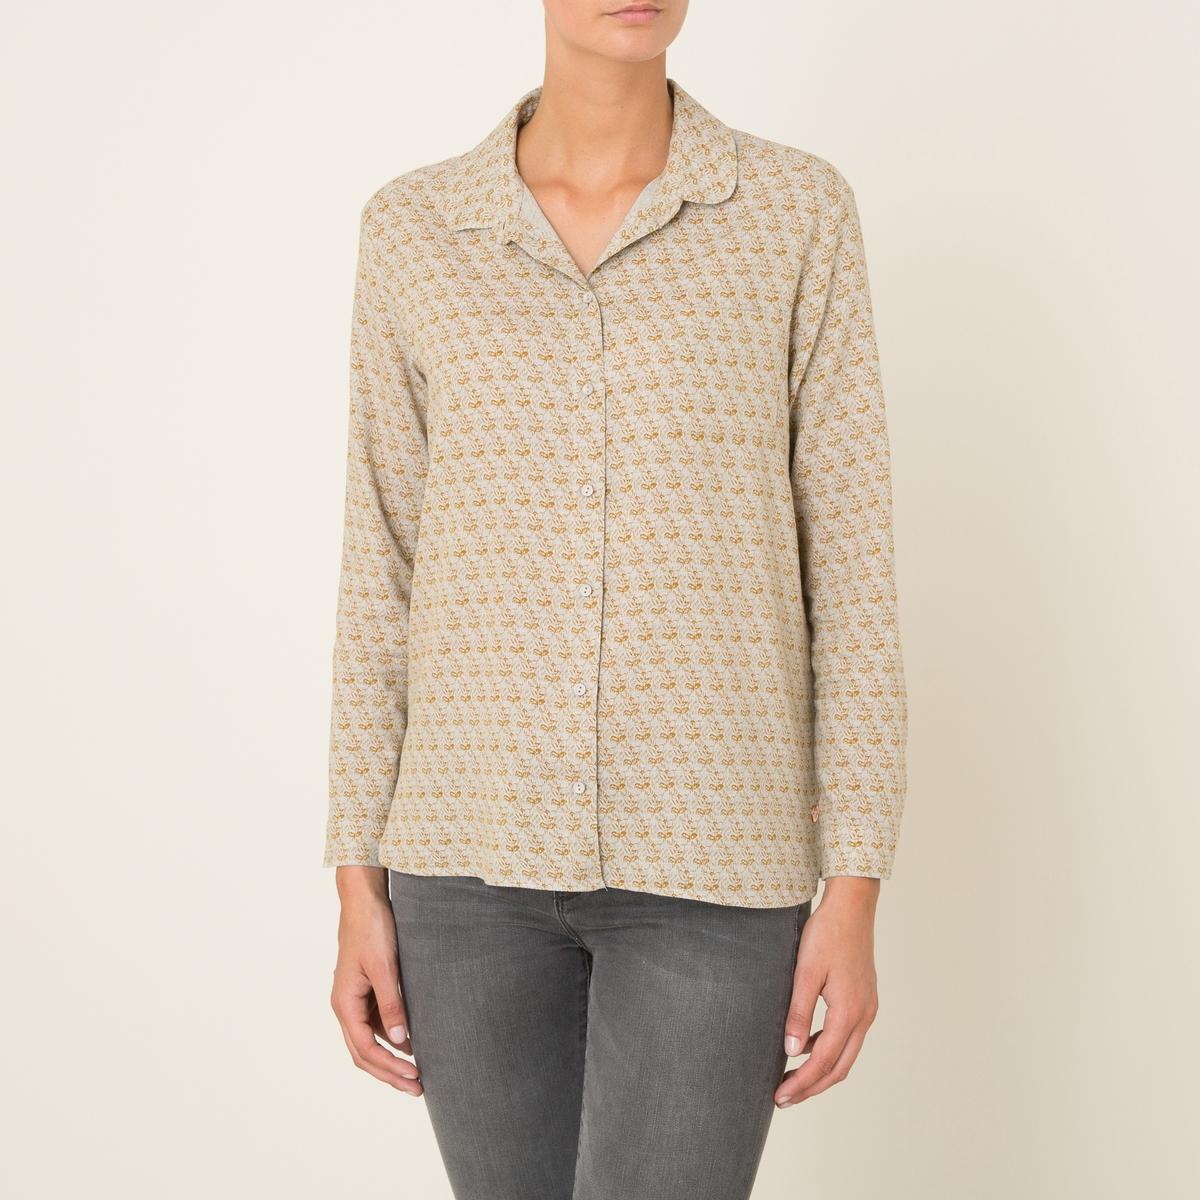 Рубашка VIENNEРубашка HARRIS WILSON - модель VIENNE. Ткань со сплошным рисунком. Закругленный воротник. 1 накладной нагрудный карман. Застежка на пуговицы спереди. Длинные рукава. Прямой низ. Состав и описание Материал : 59% вискозы, 41% хлопкаМарка : HARRIS WILSON<br><br>Цвет: бежевый